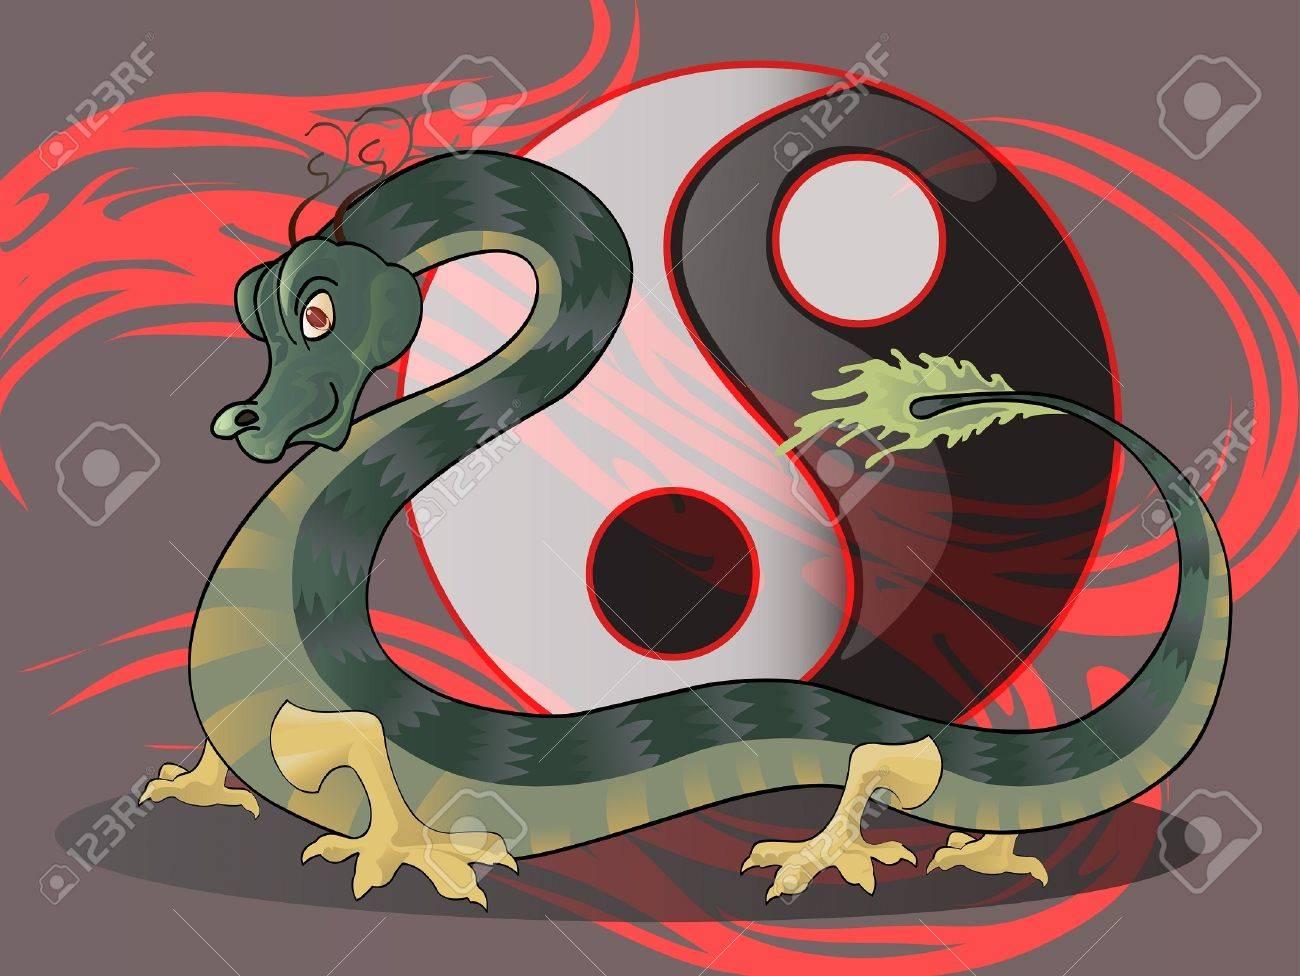 dragon with yin yang symbol Stock Vector - 13224134